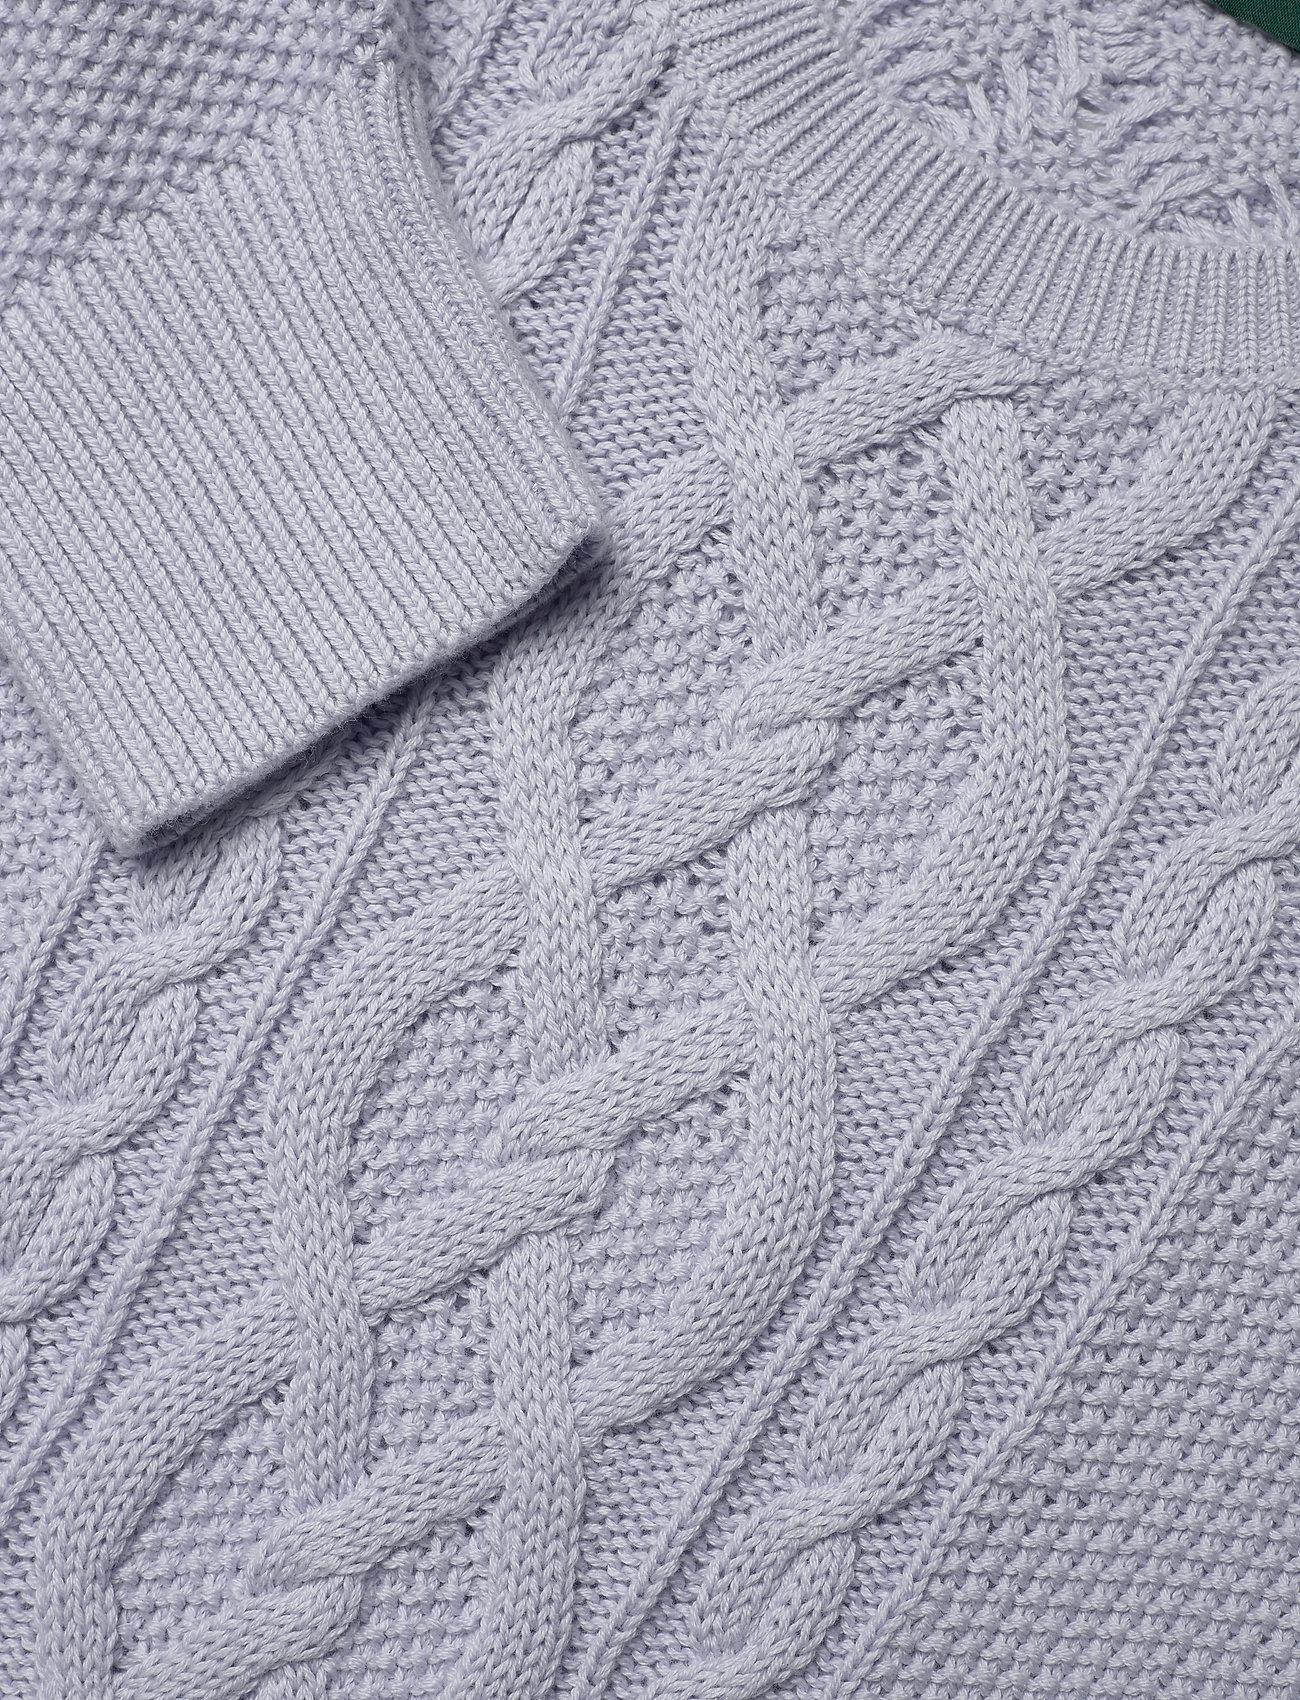 Lauren Ralph Lauren Puff-Sleeve Cable Sweater - Strikkevarer TOILE BLUE - Dameklær Spesialtilbud